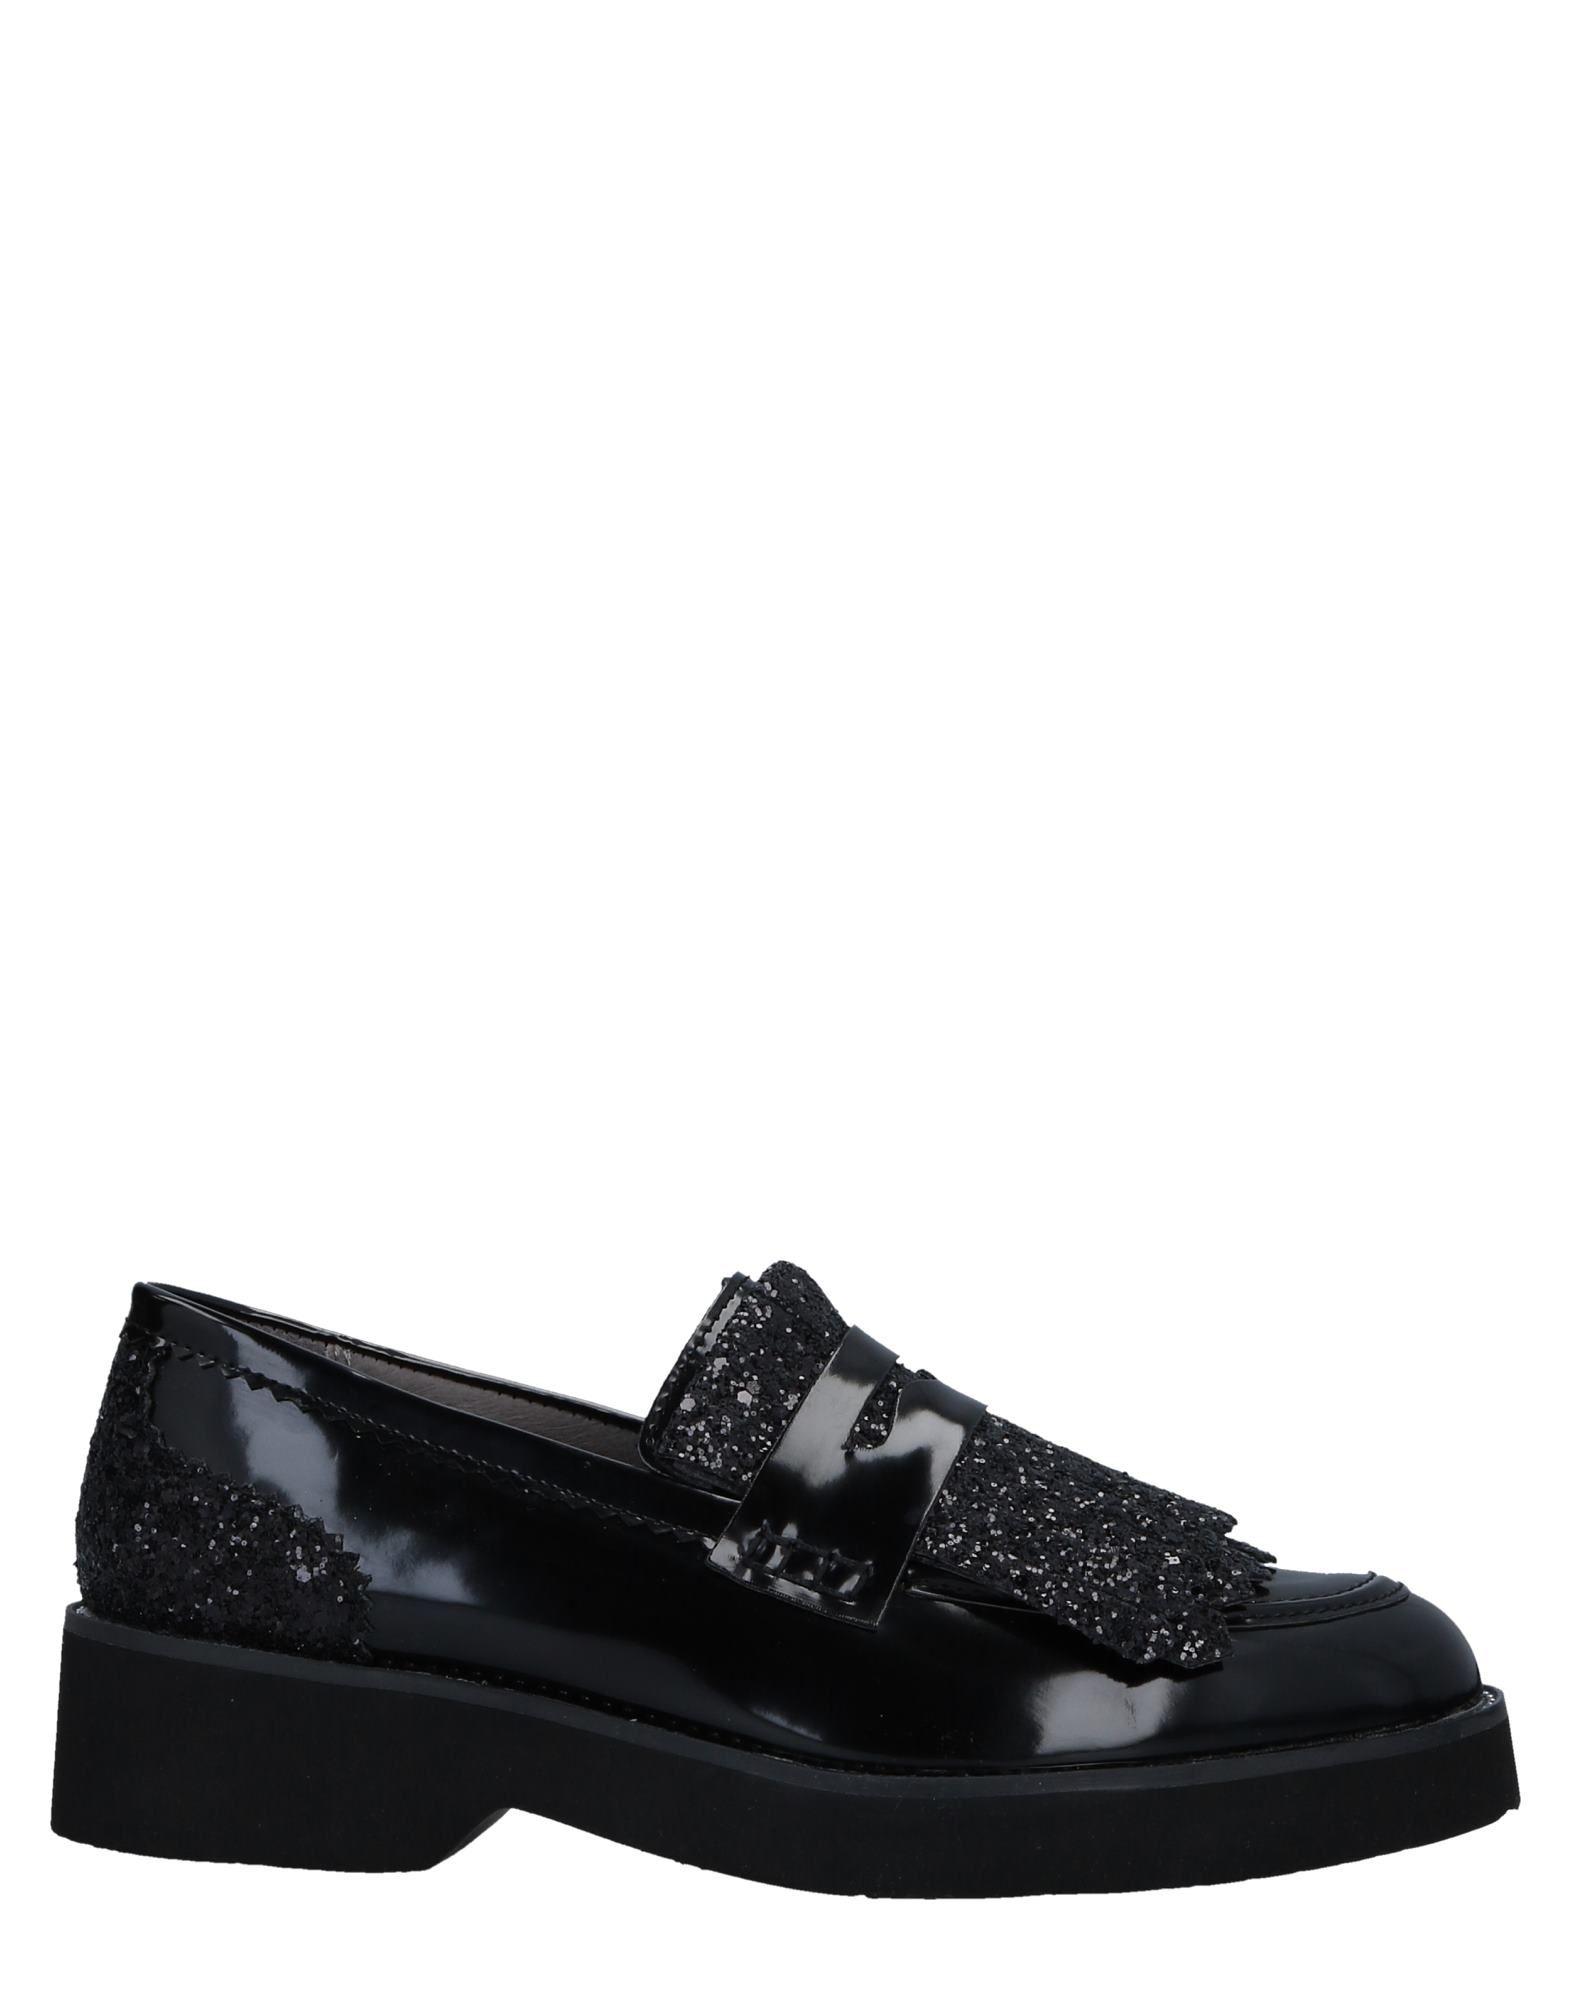 Cafènoir Mokassins Damen  11515012OM Gute Qualität beliebte Schuhe